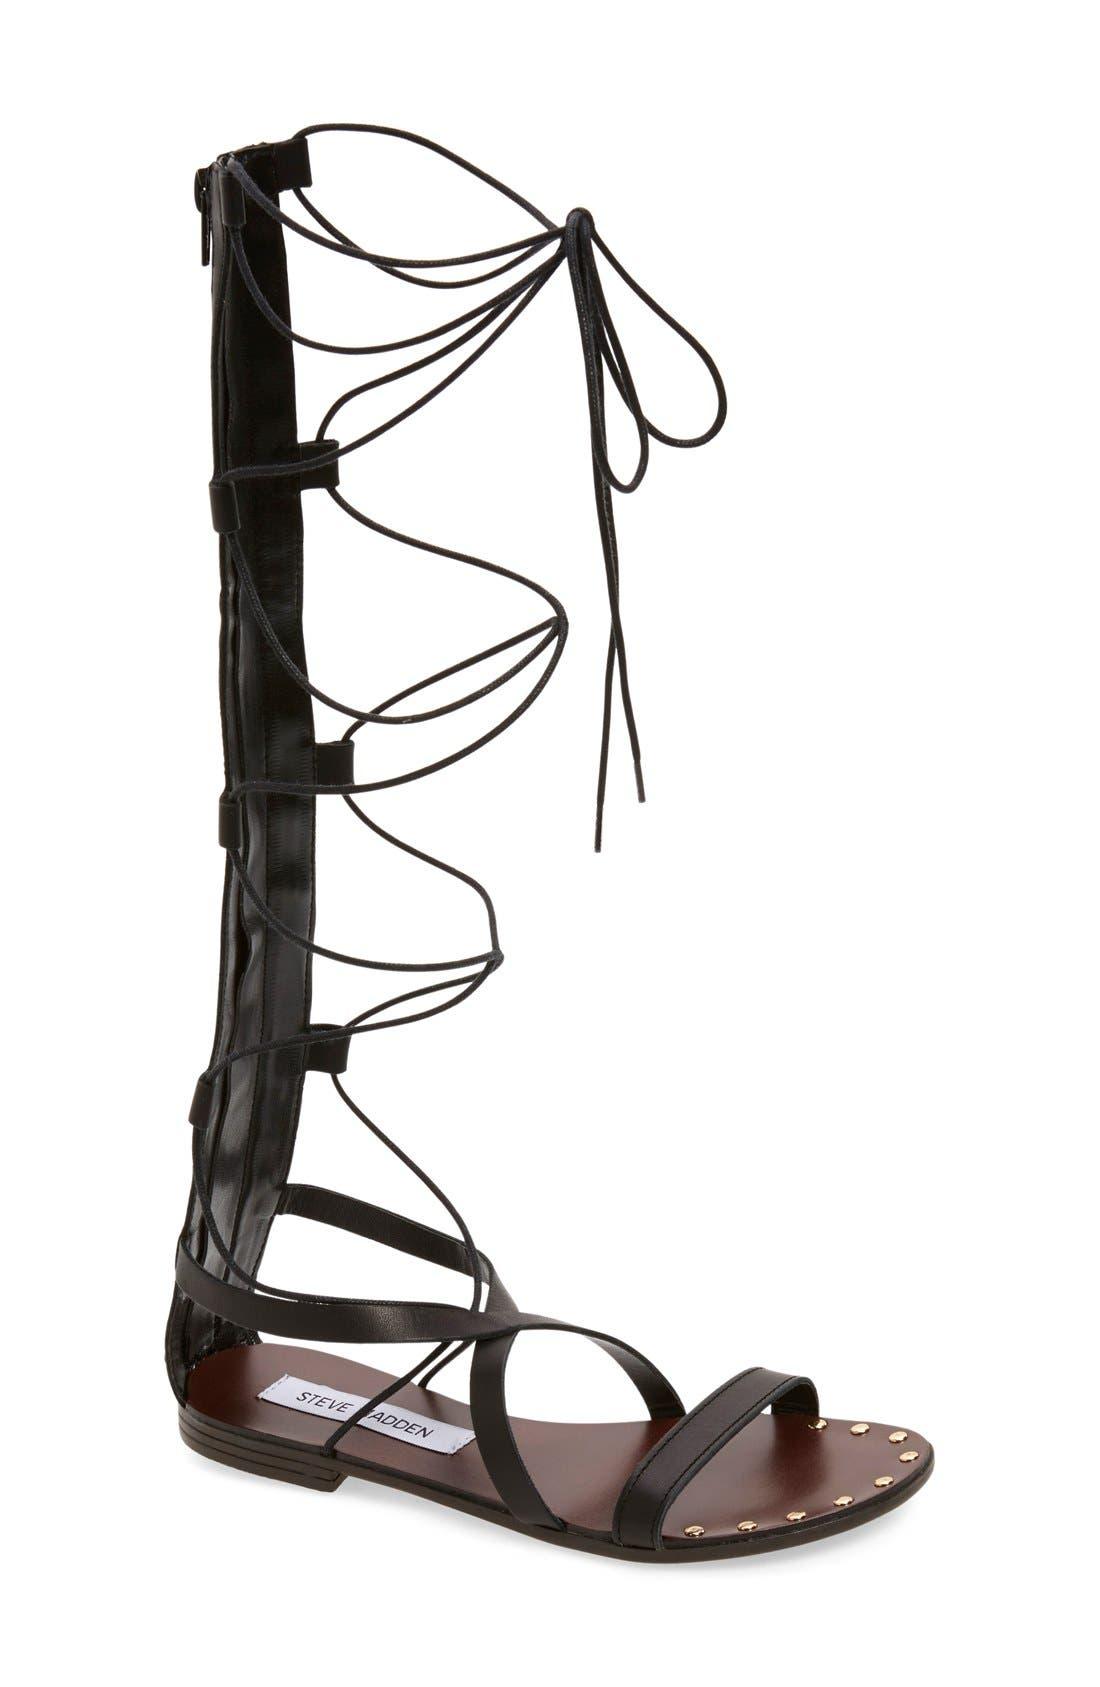 Alternate Image 1 Selected - Steve Madden 'Justeen' Tall Gladiator Sandal (Women)